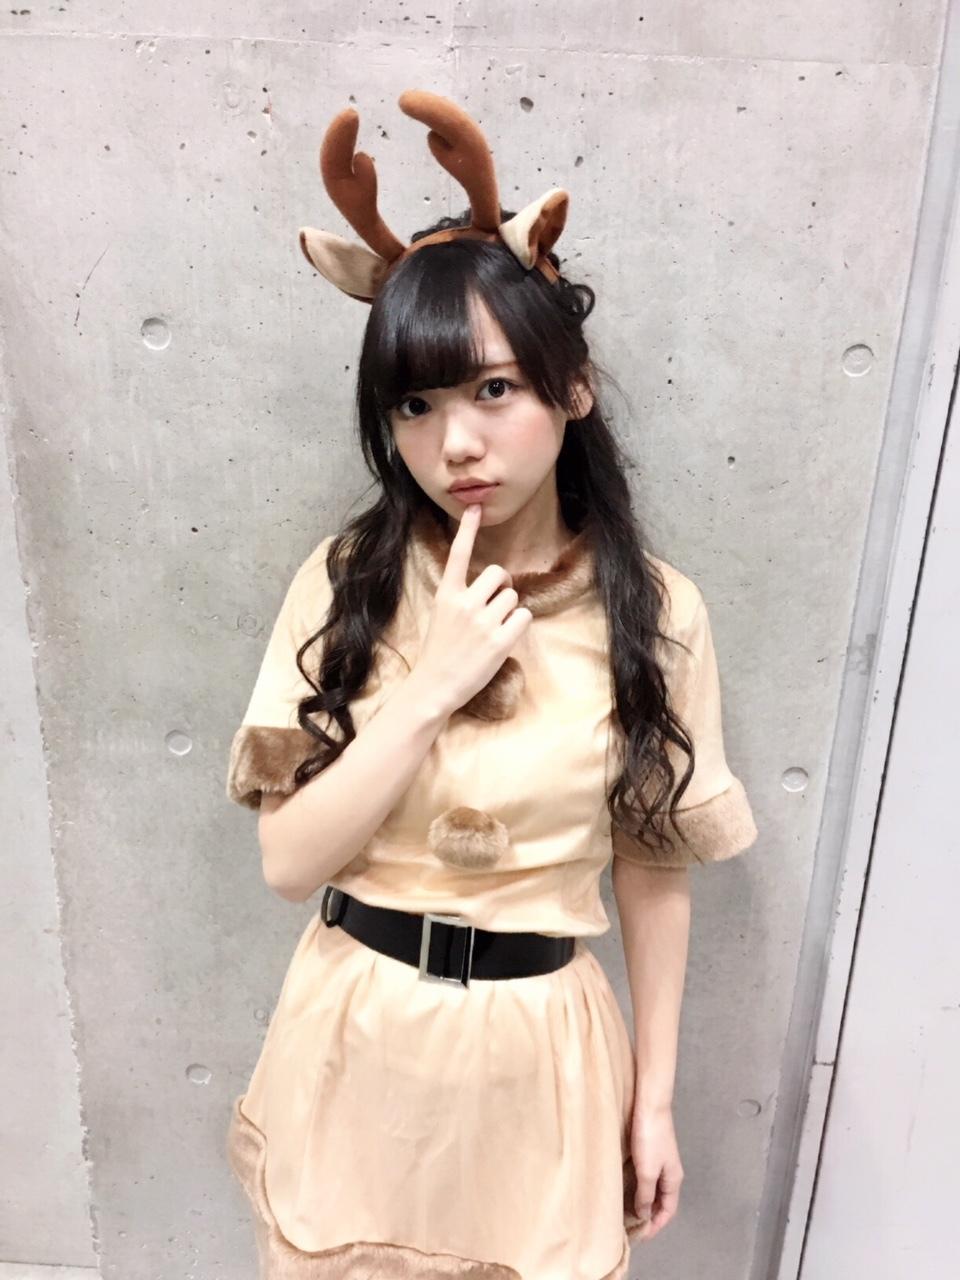 http://cdn.keyakizaka46.com/files/14/diary/k46/member/moblog/201711/mobpldnJ0.jpg